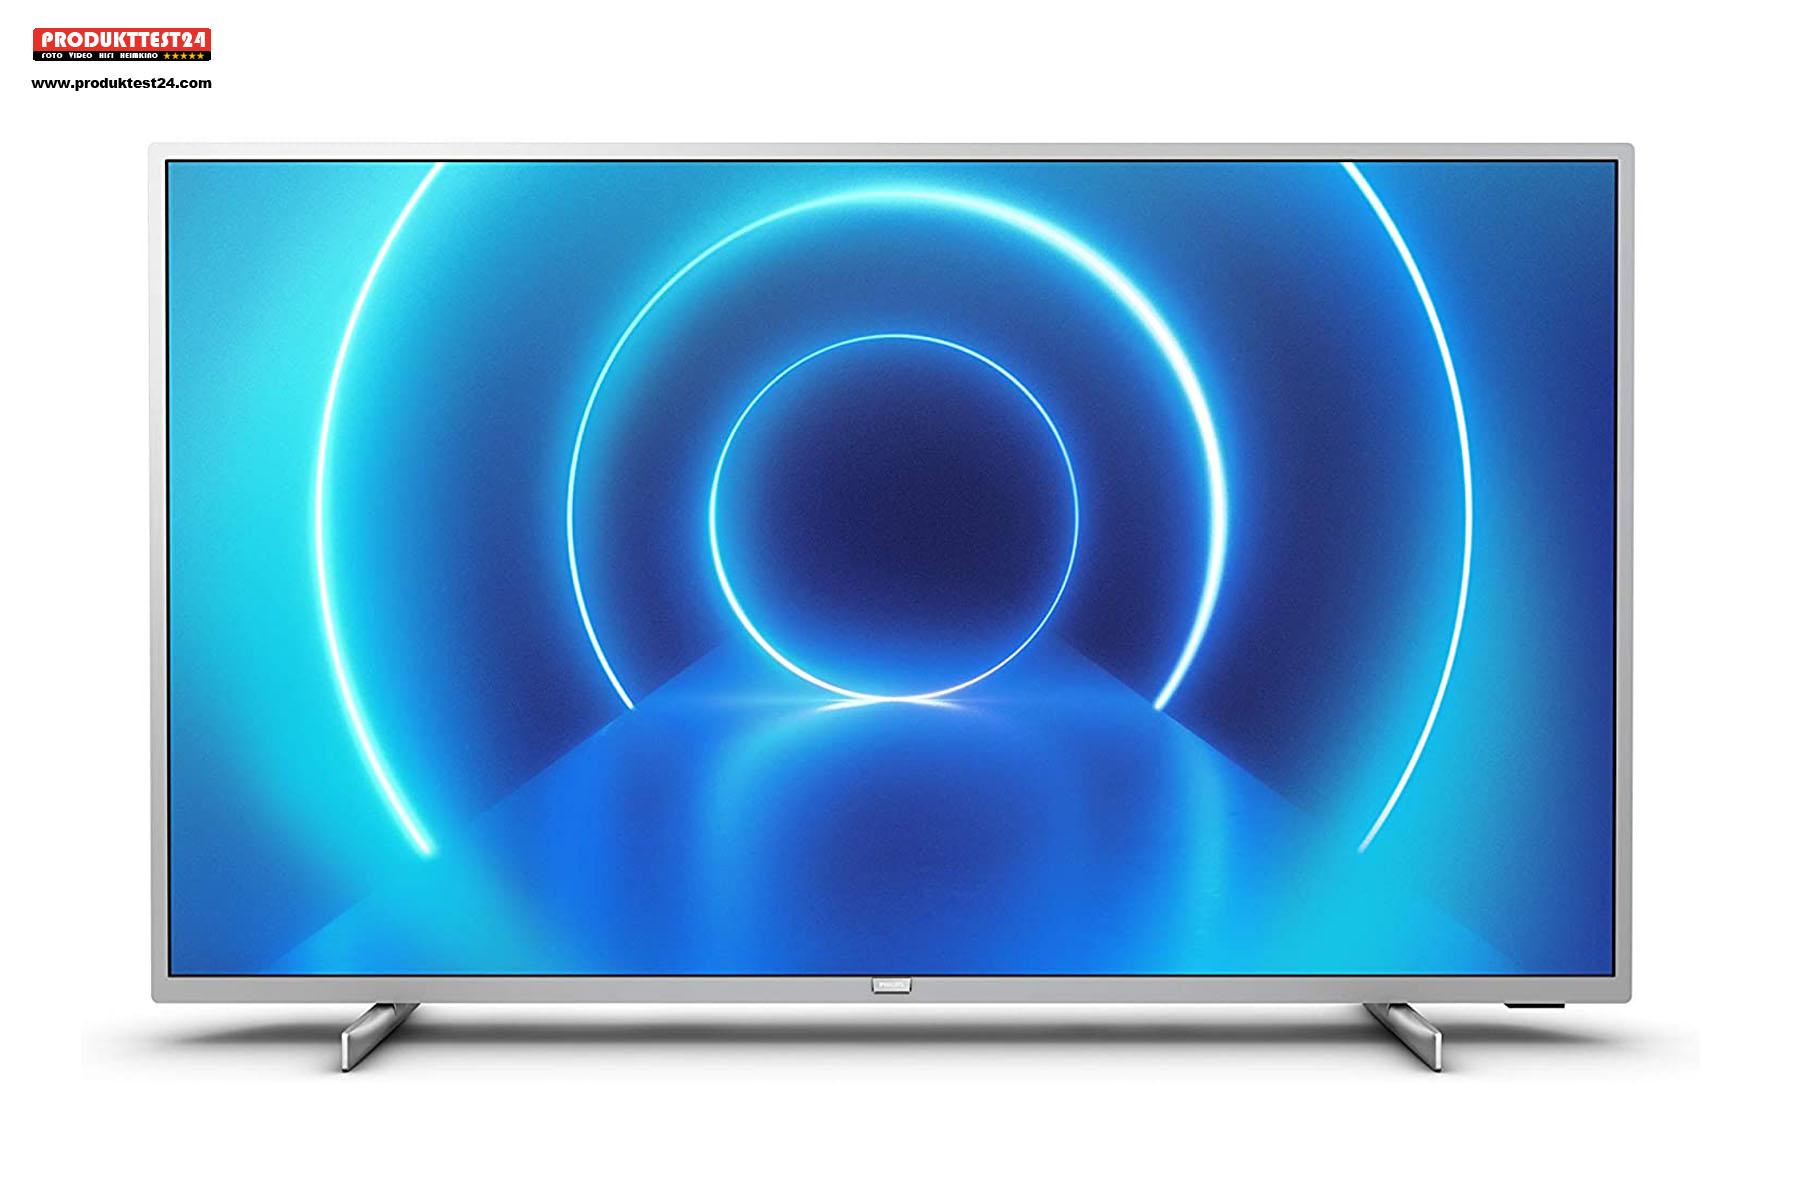 Der Philips 70PUS7555/12 UHD 4K-Fernseher